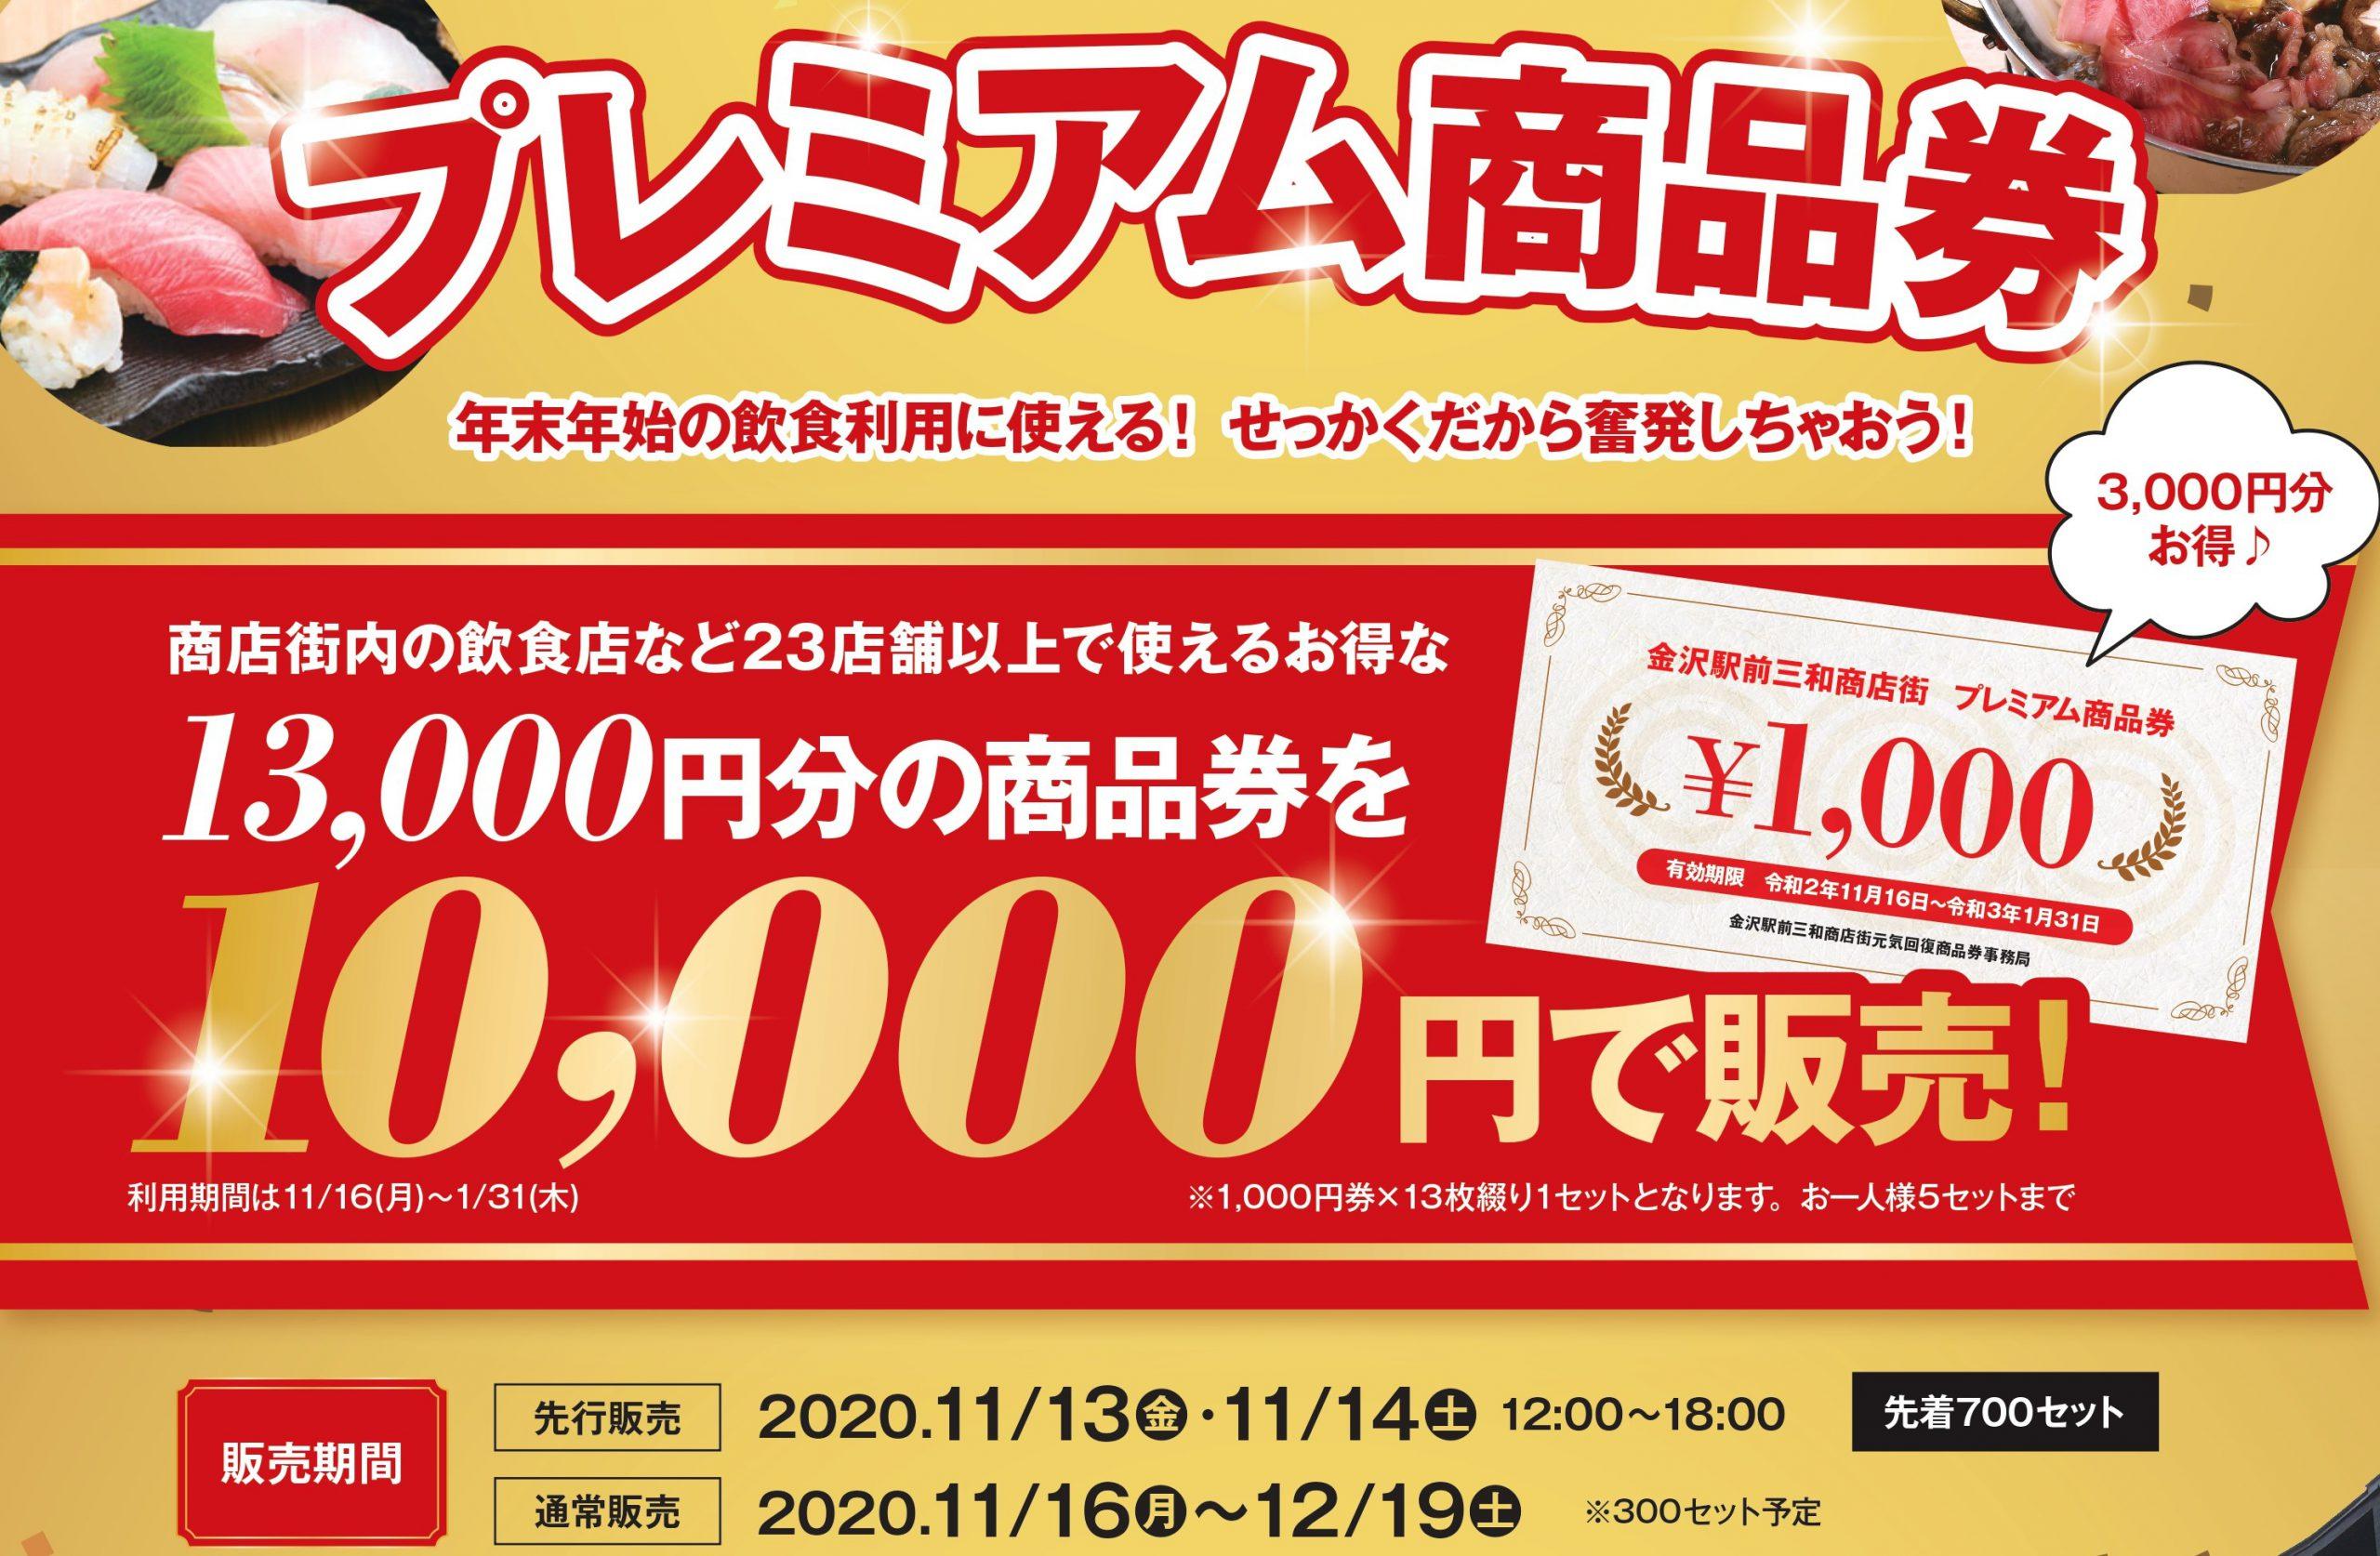 「金沢駅前三和商店街」プレミアム商品券の追加販売が決定